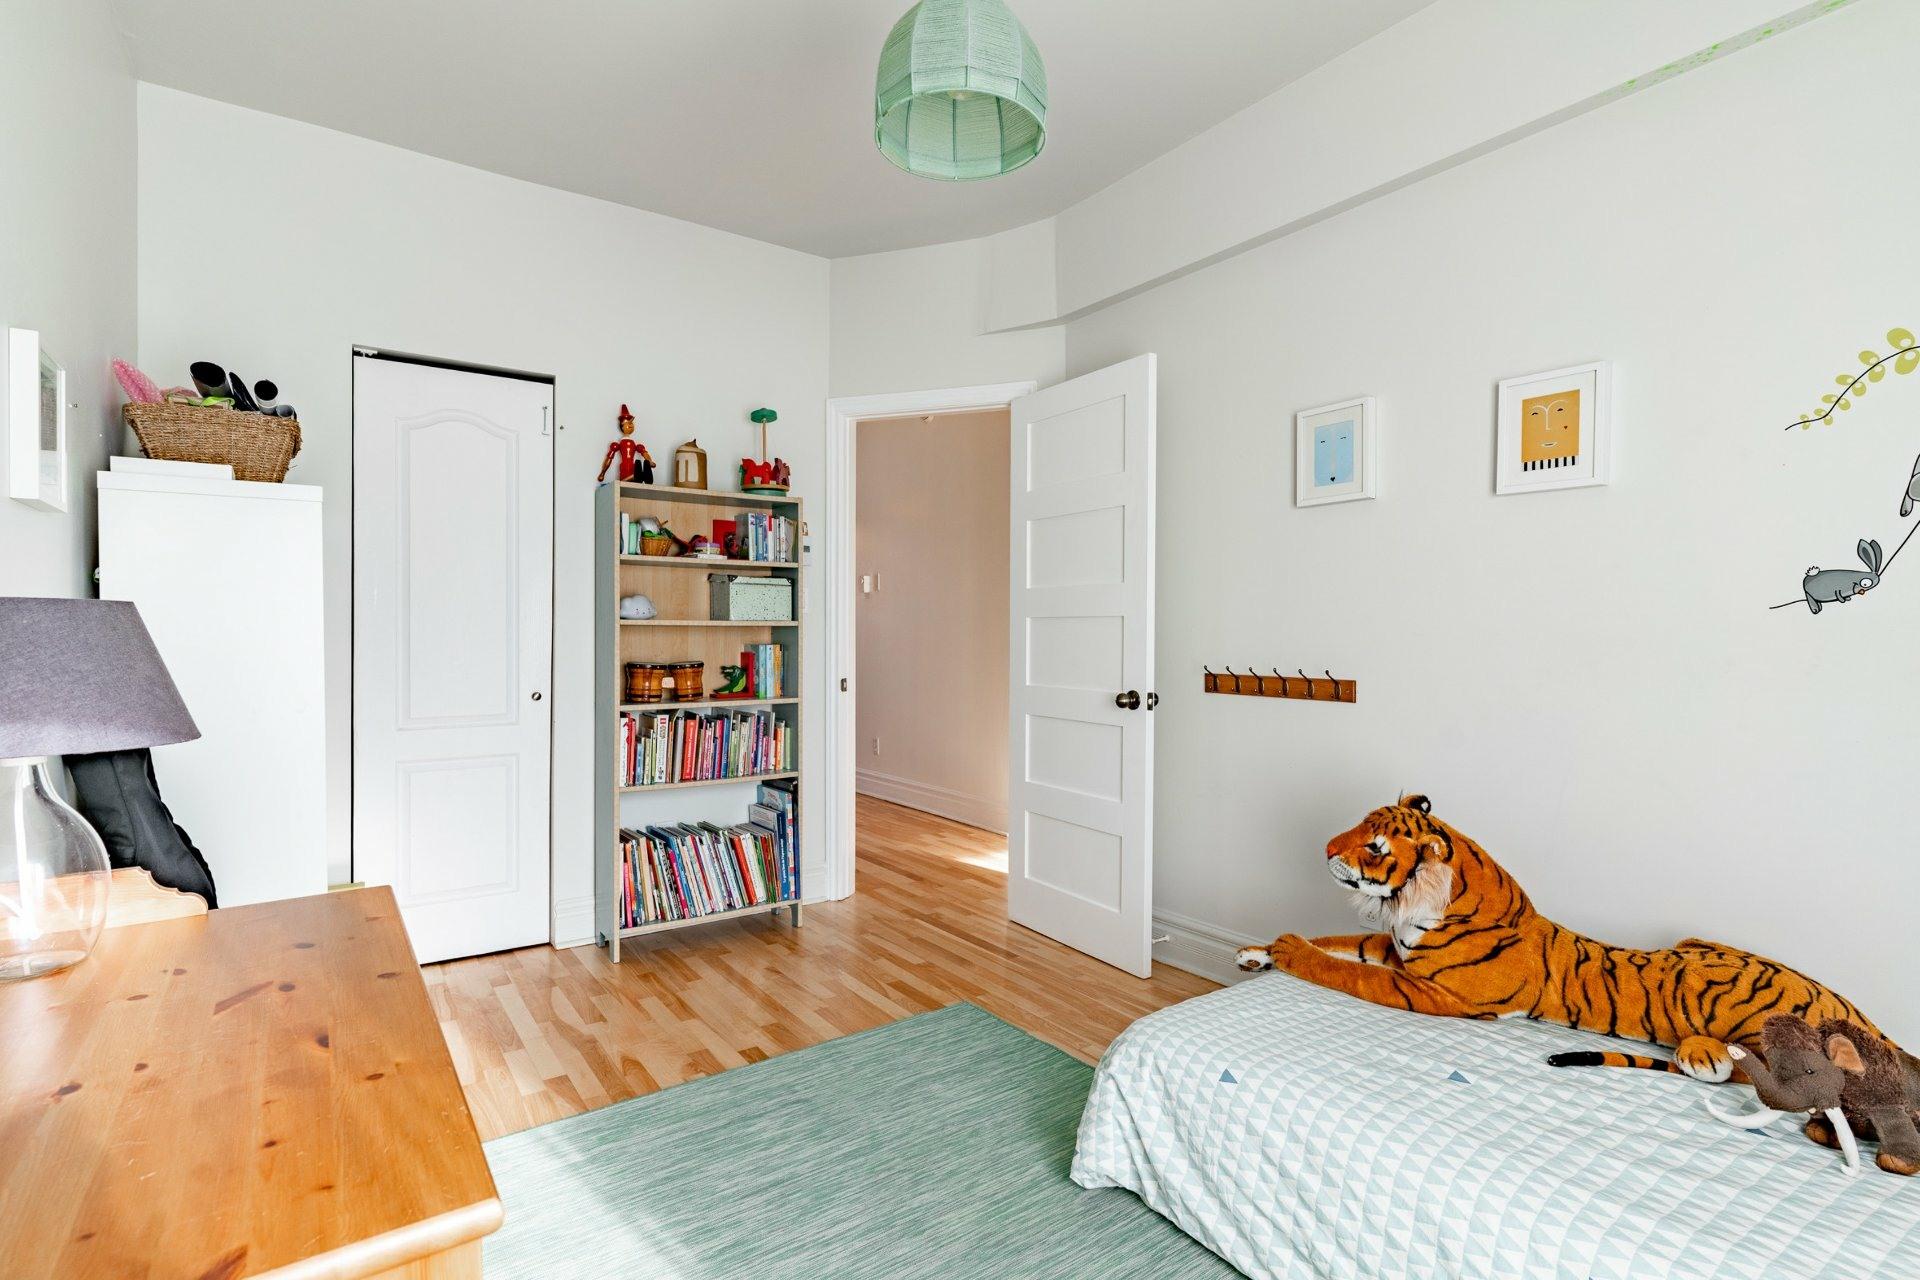 image 13 - Appartement À vendre Rosemont/La Petite-Patrie Montréal  - 7 pièces